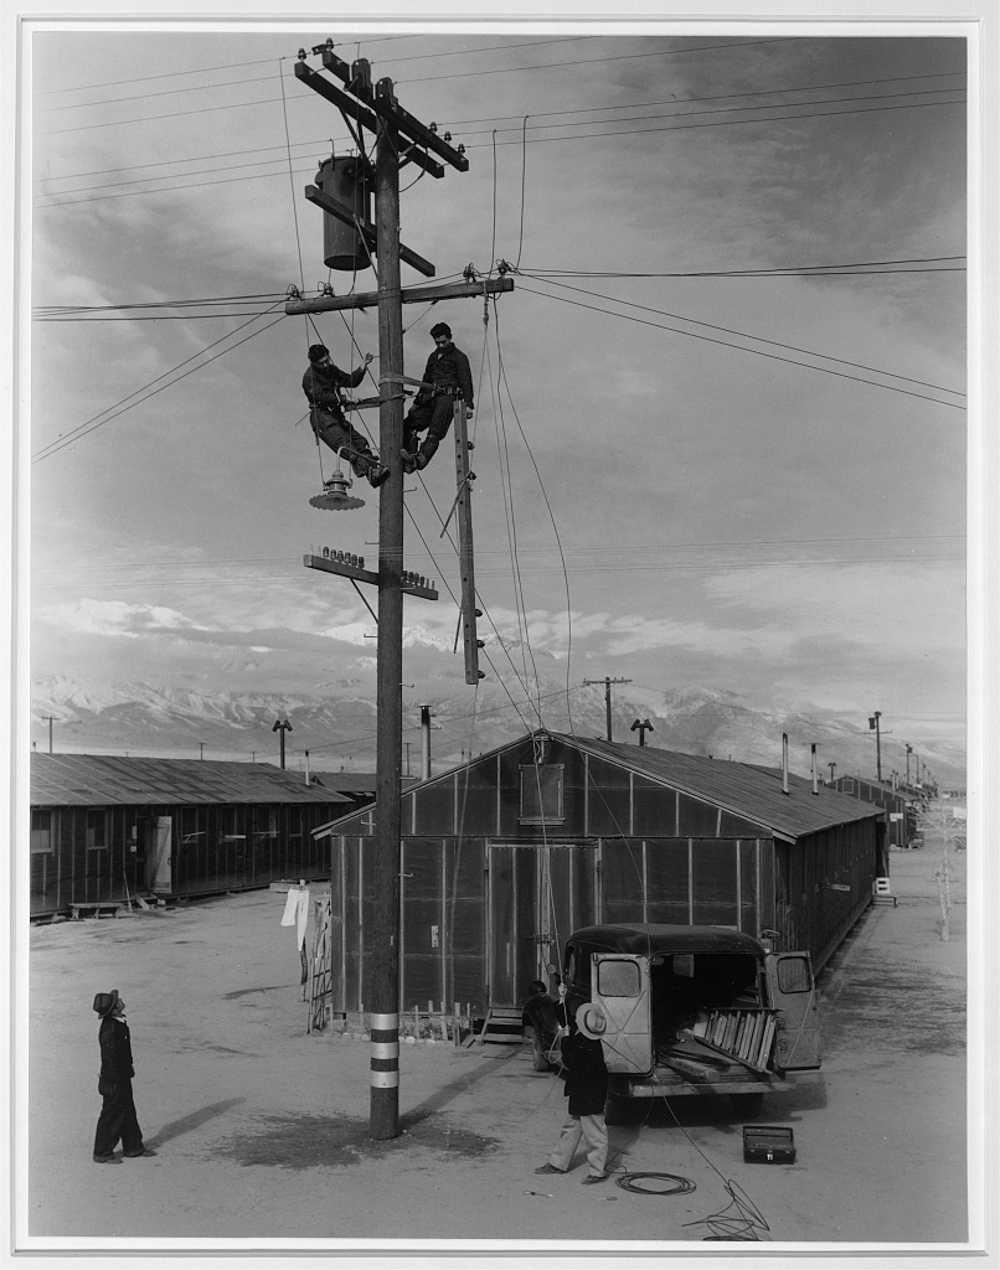 Line crew at work in Manzanar, Manzanar Relocation Center, Manzanar, California